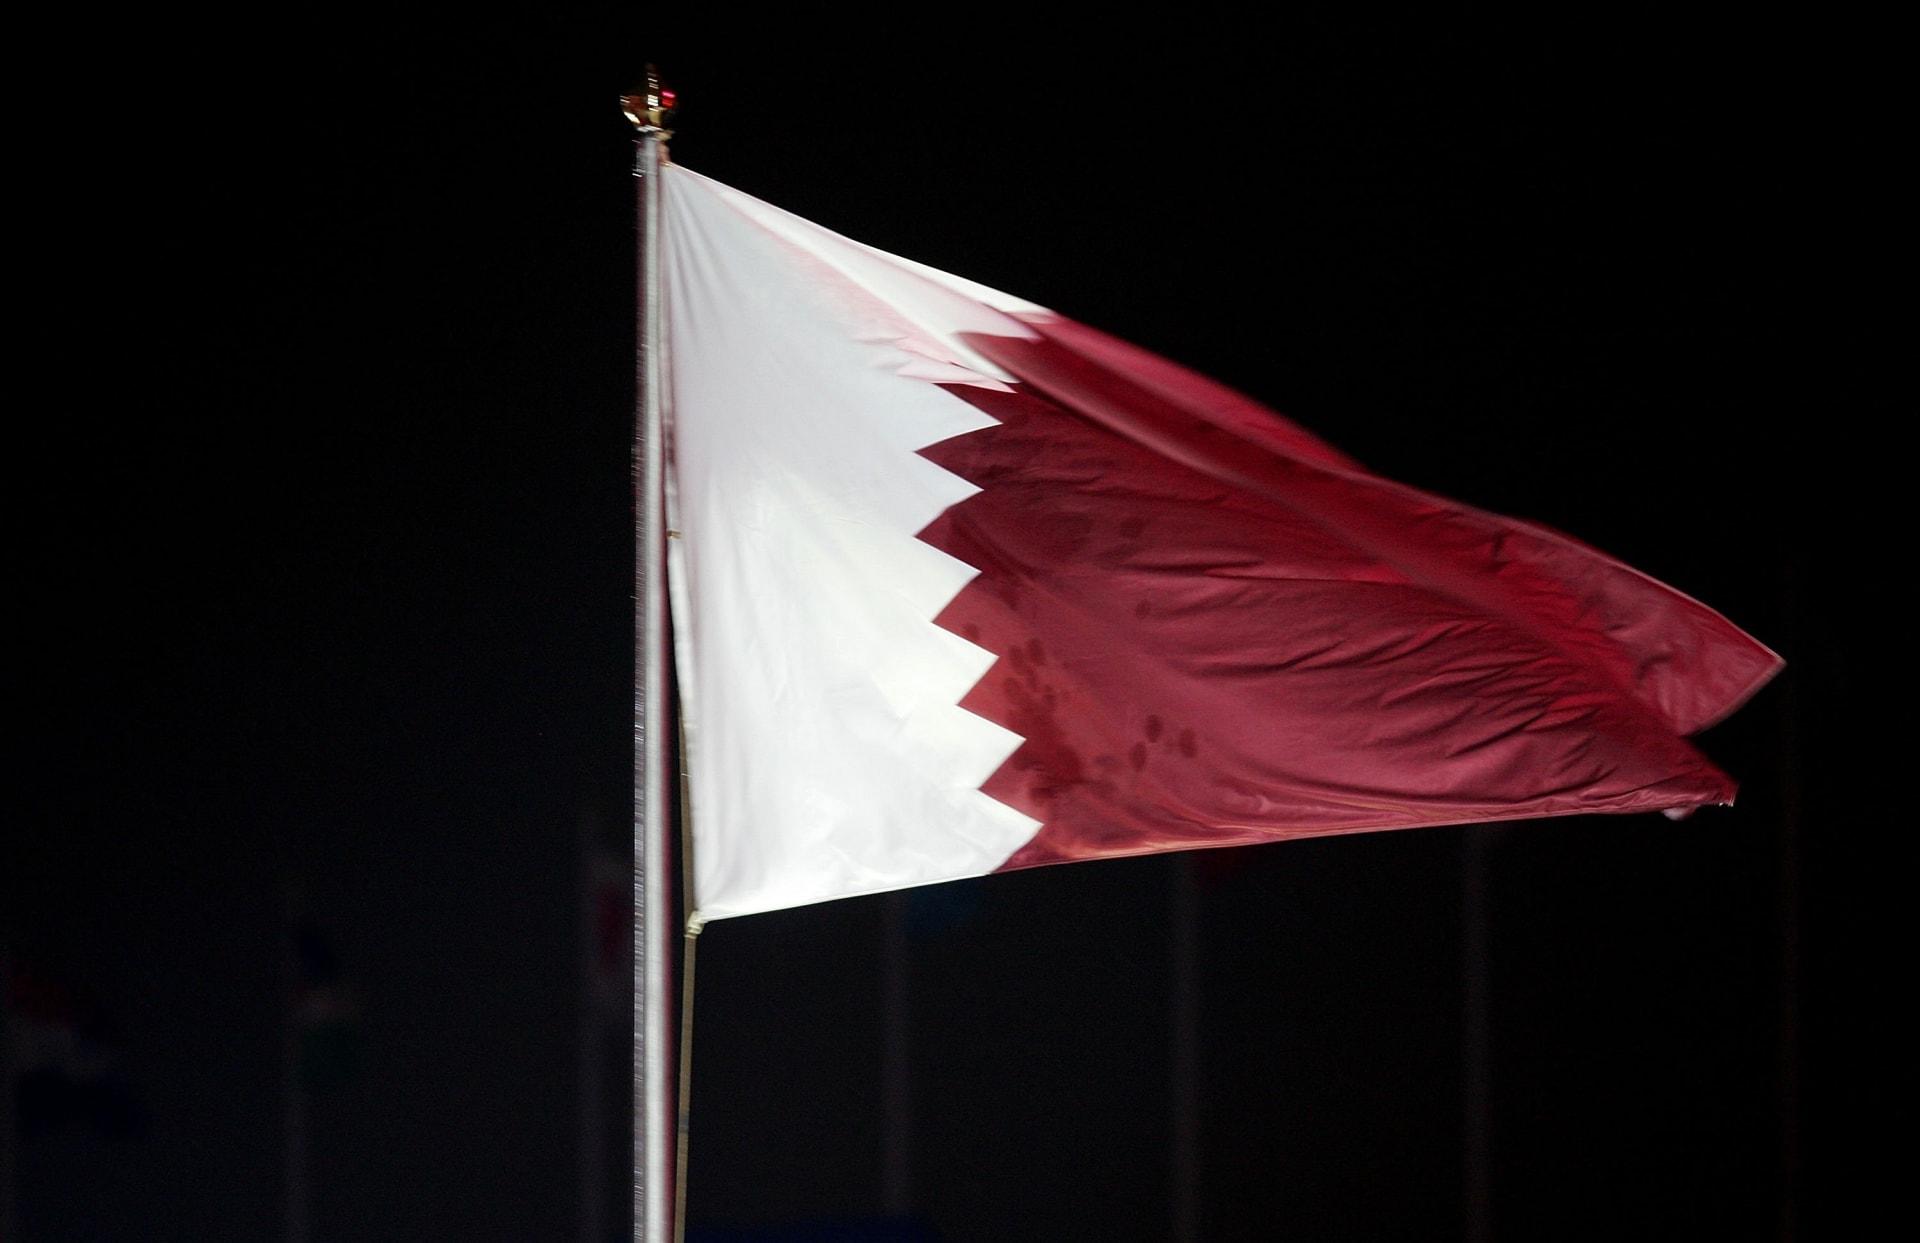 مسؤولة قطرية تكشف إحدى خسائر قطر نتيجة المقاطعة وتؤكد على قوة العلاقة مع تركيا وإيران